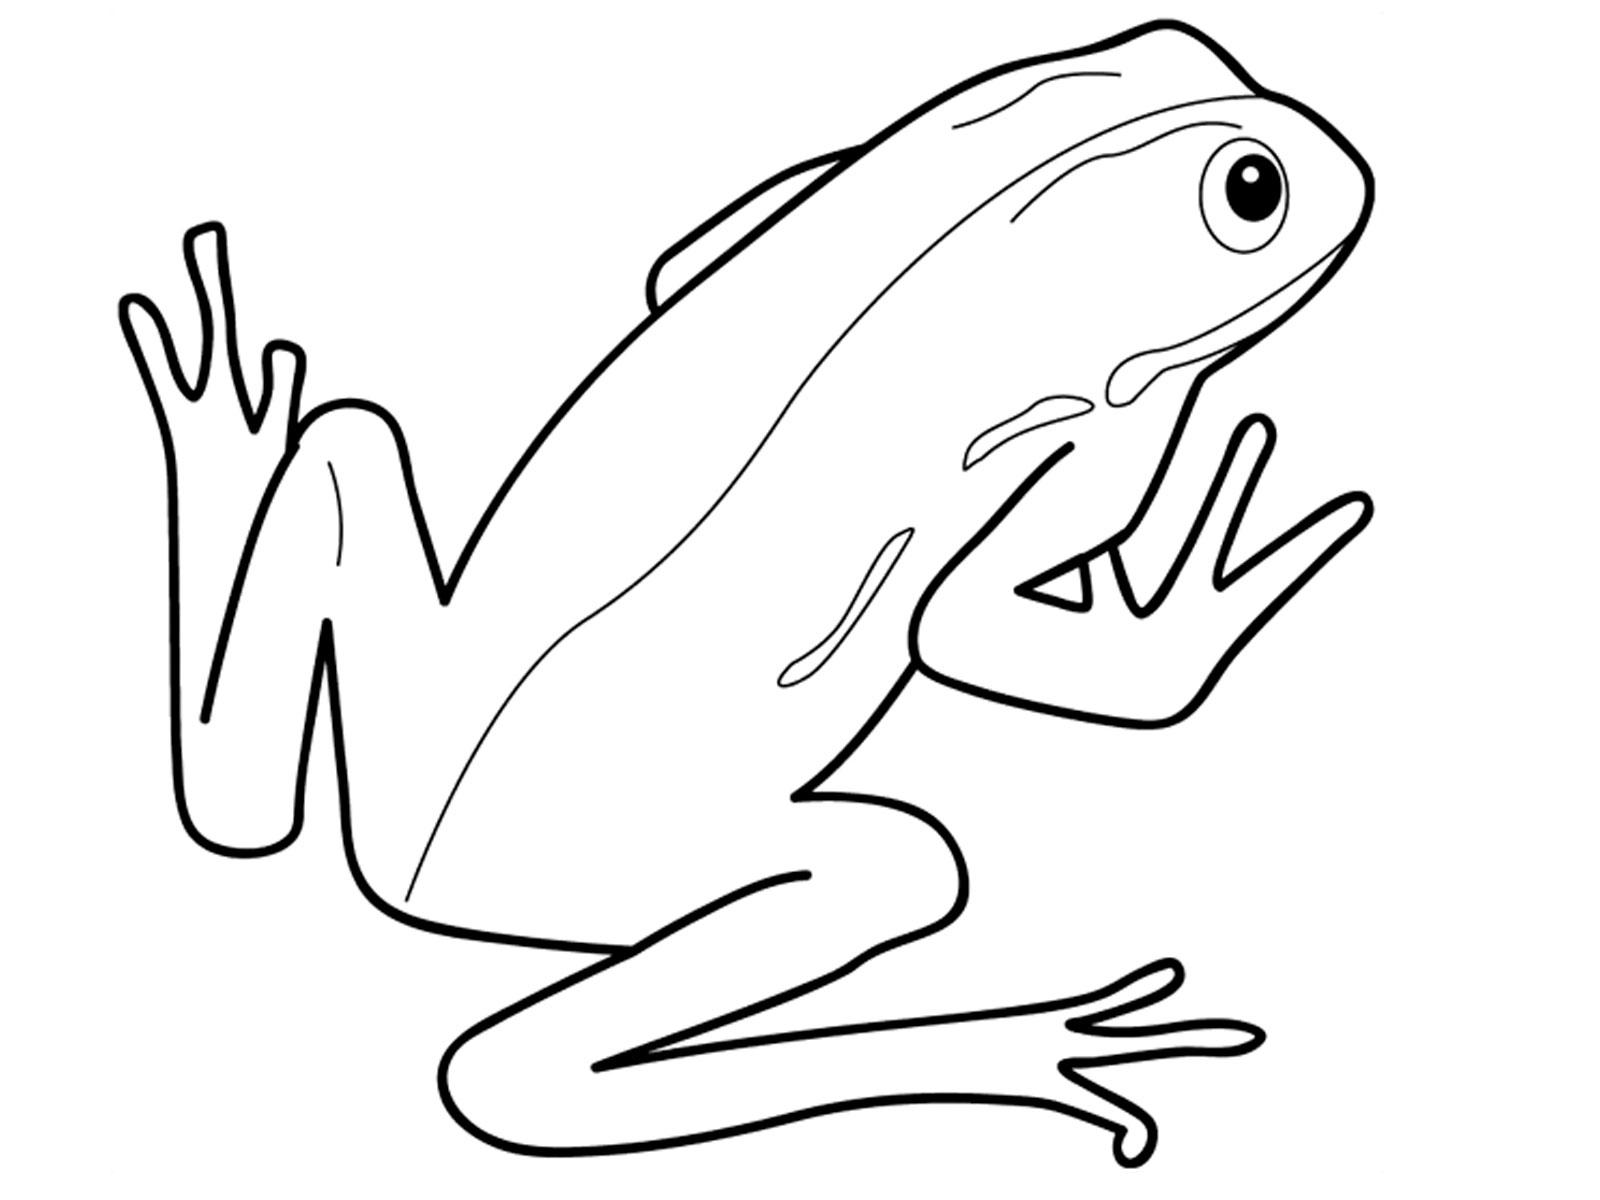 Amphibian clipart drawing Amphibian Amphibian white photo#18 and